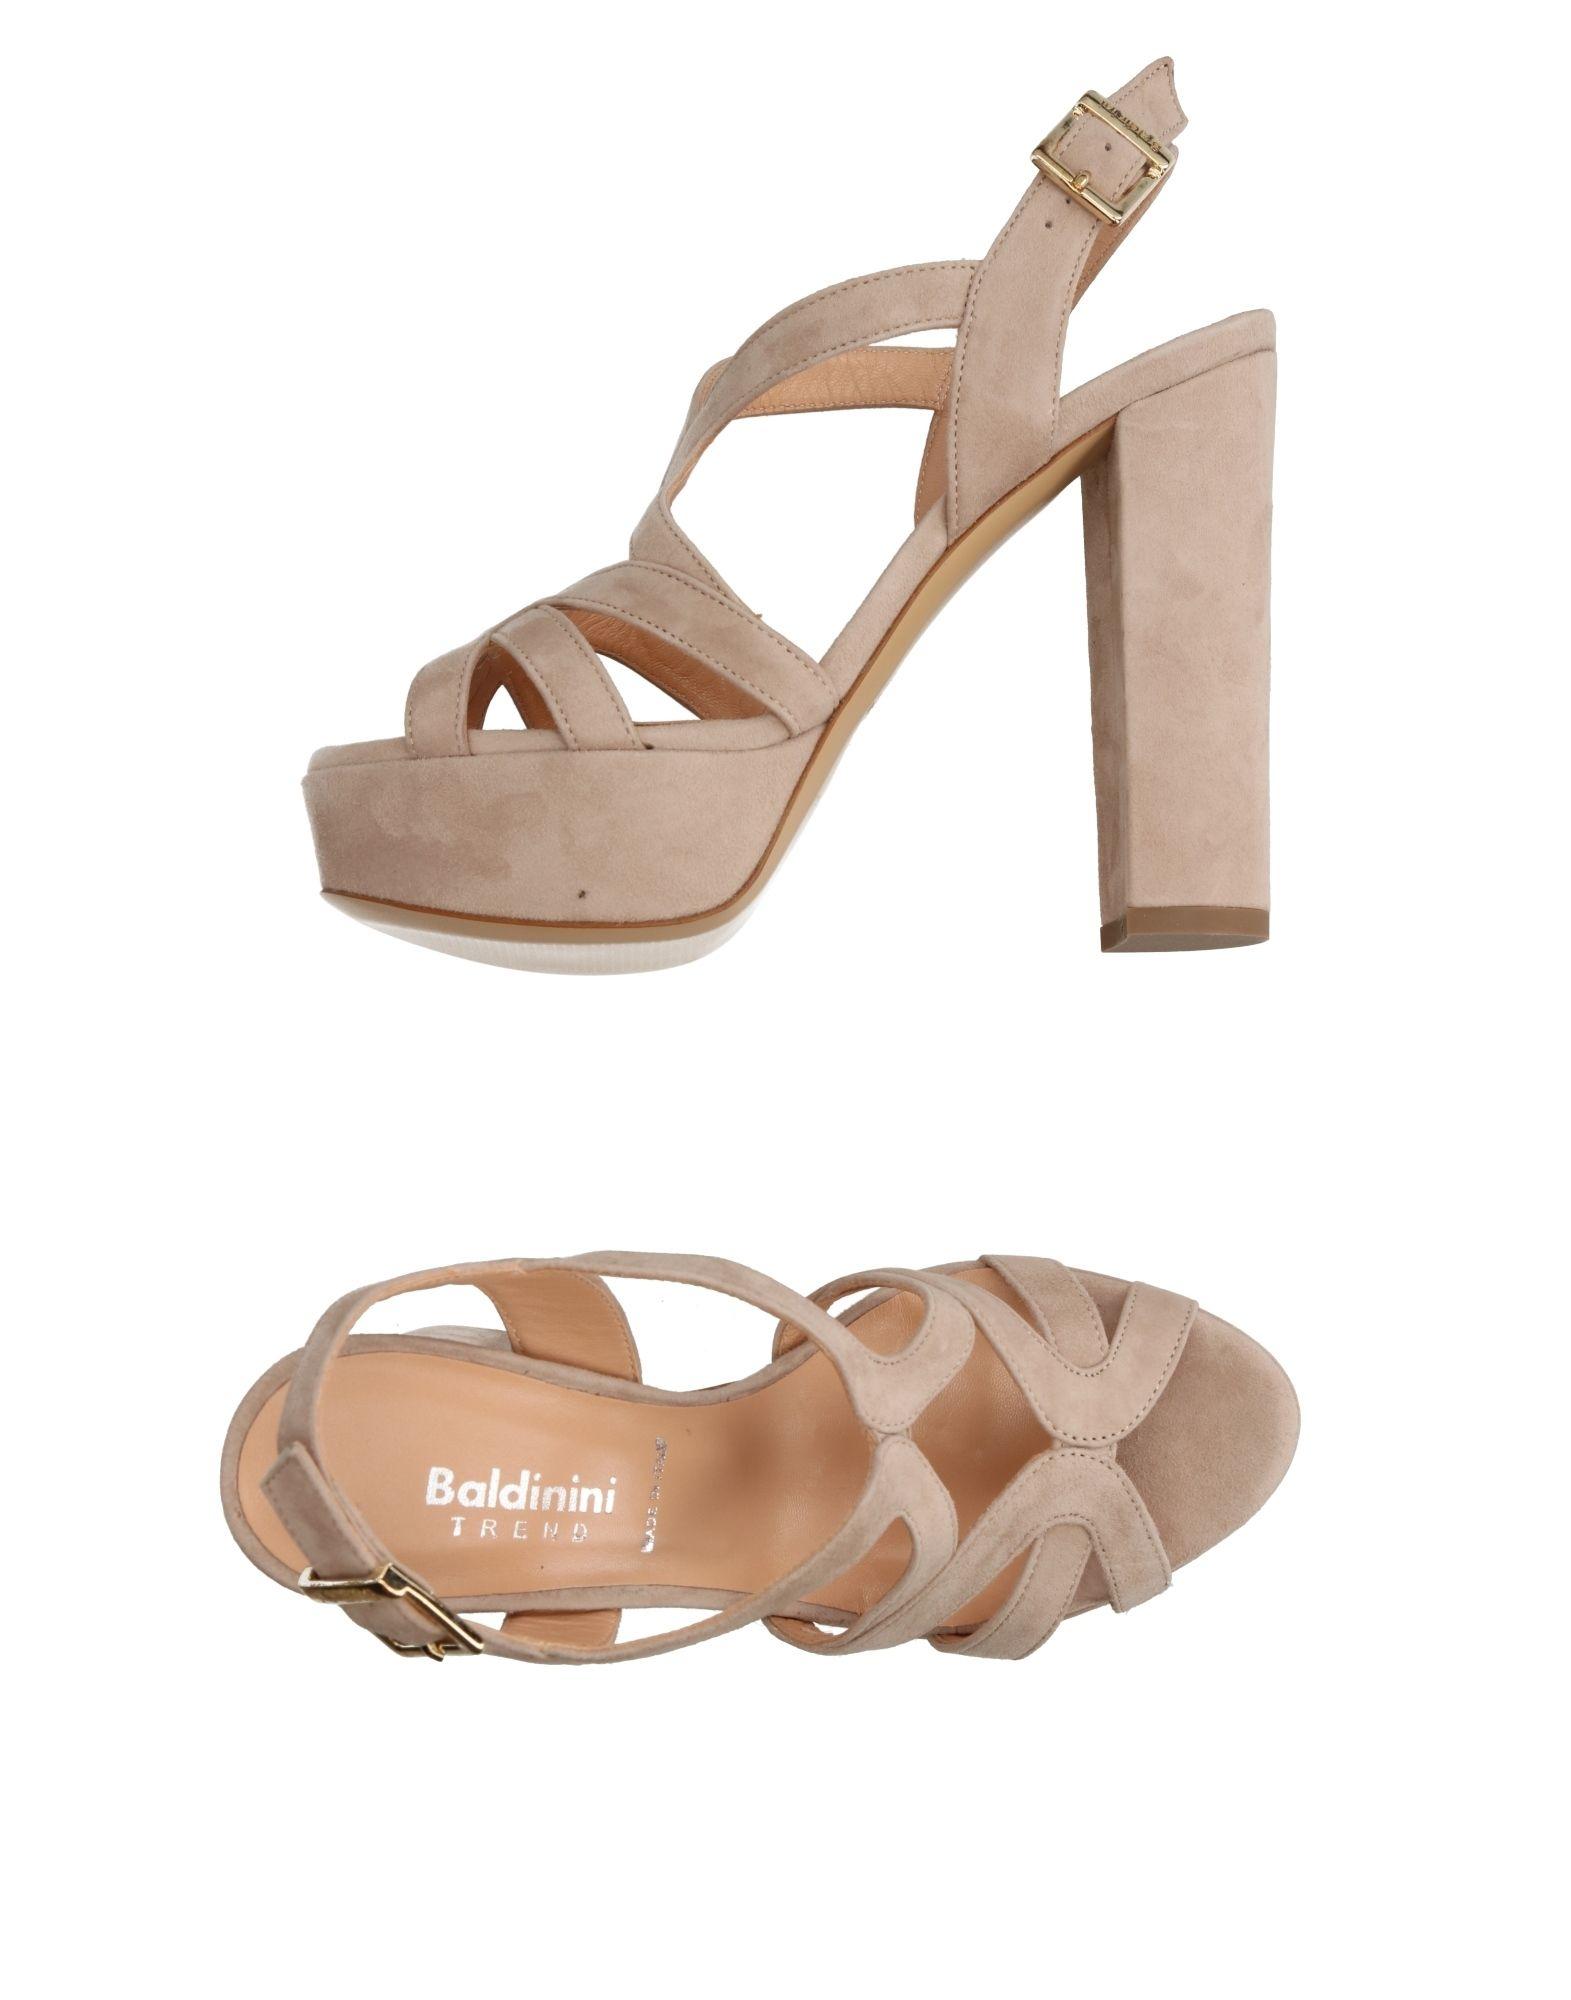 Sandali Baldinini Donna Trend Donna Baldinini - 11255560VU e90dbf